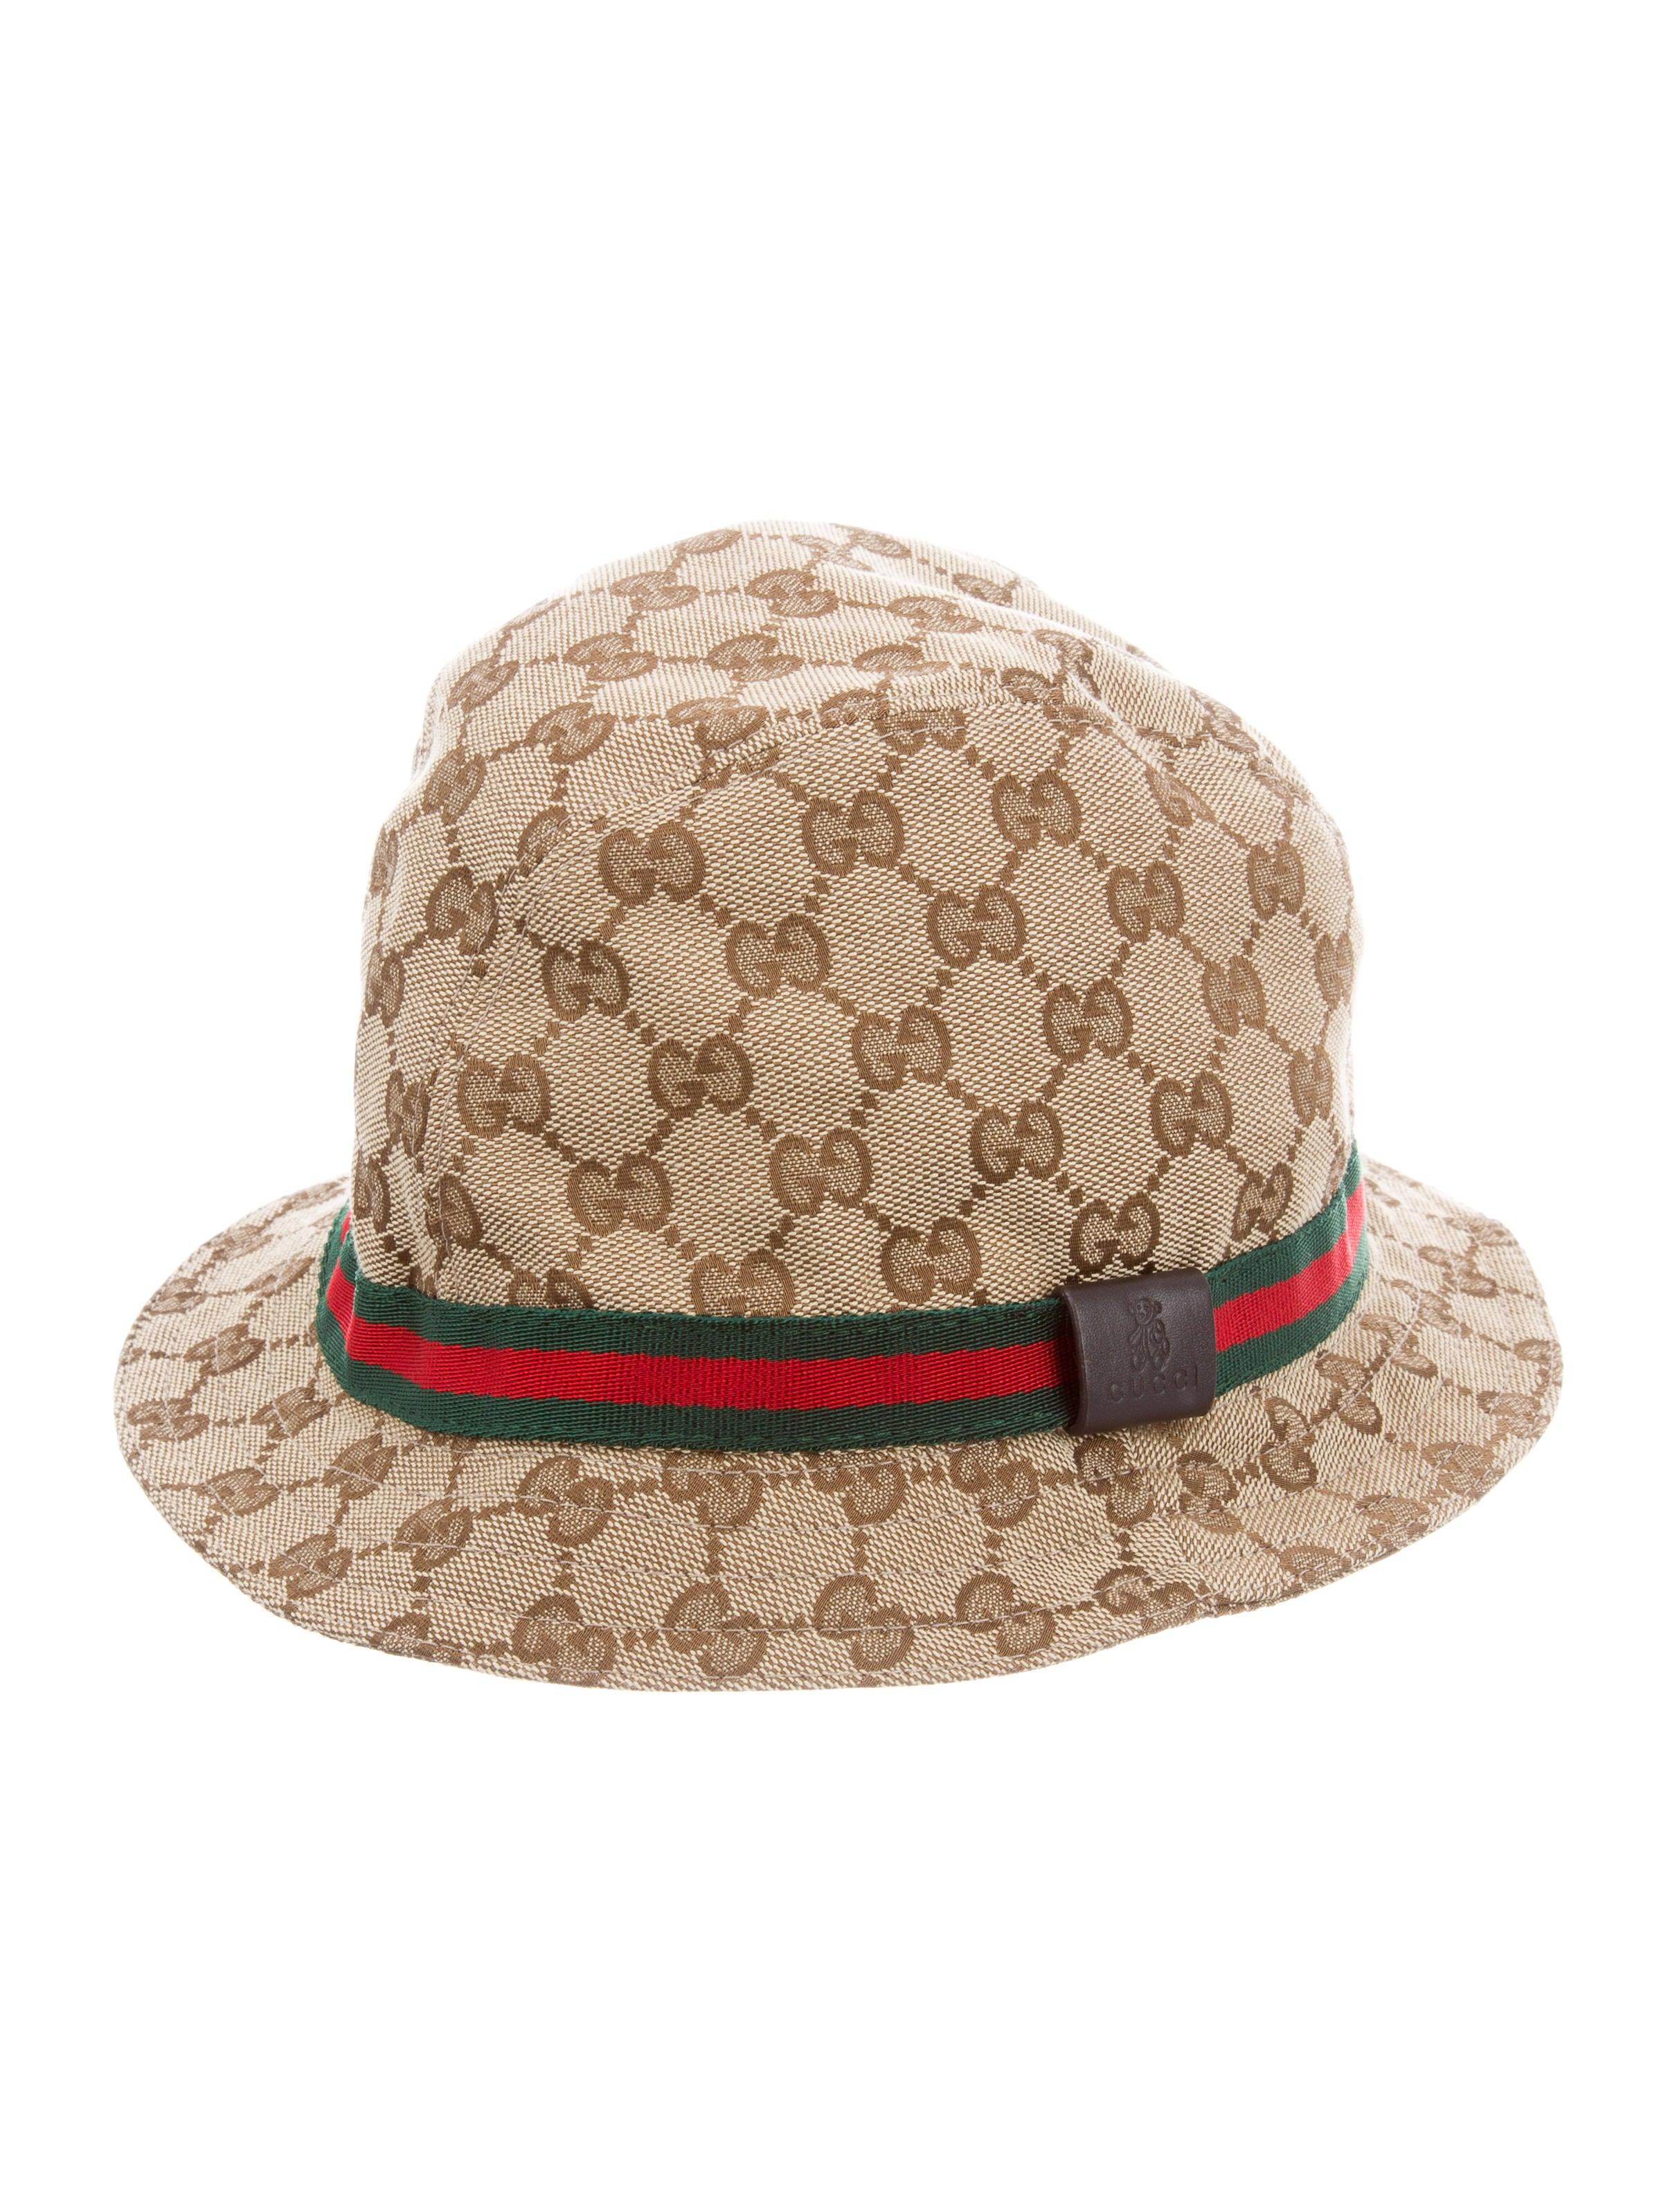 bbc966a11 Boys' Canvas GG Web Bucket Hat